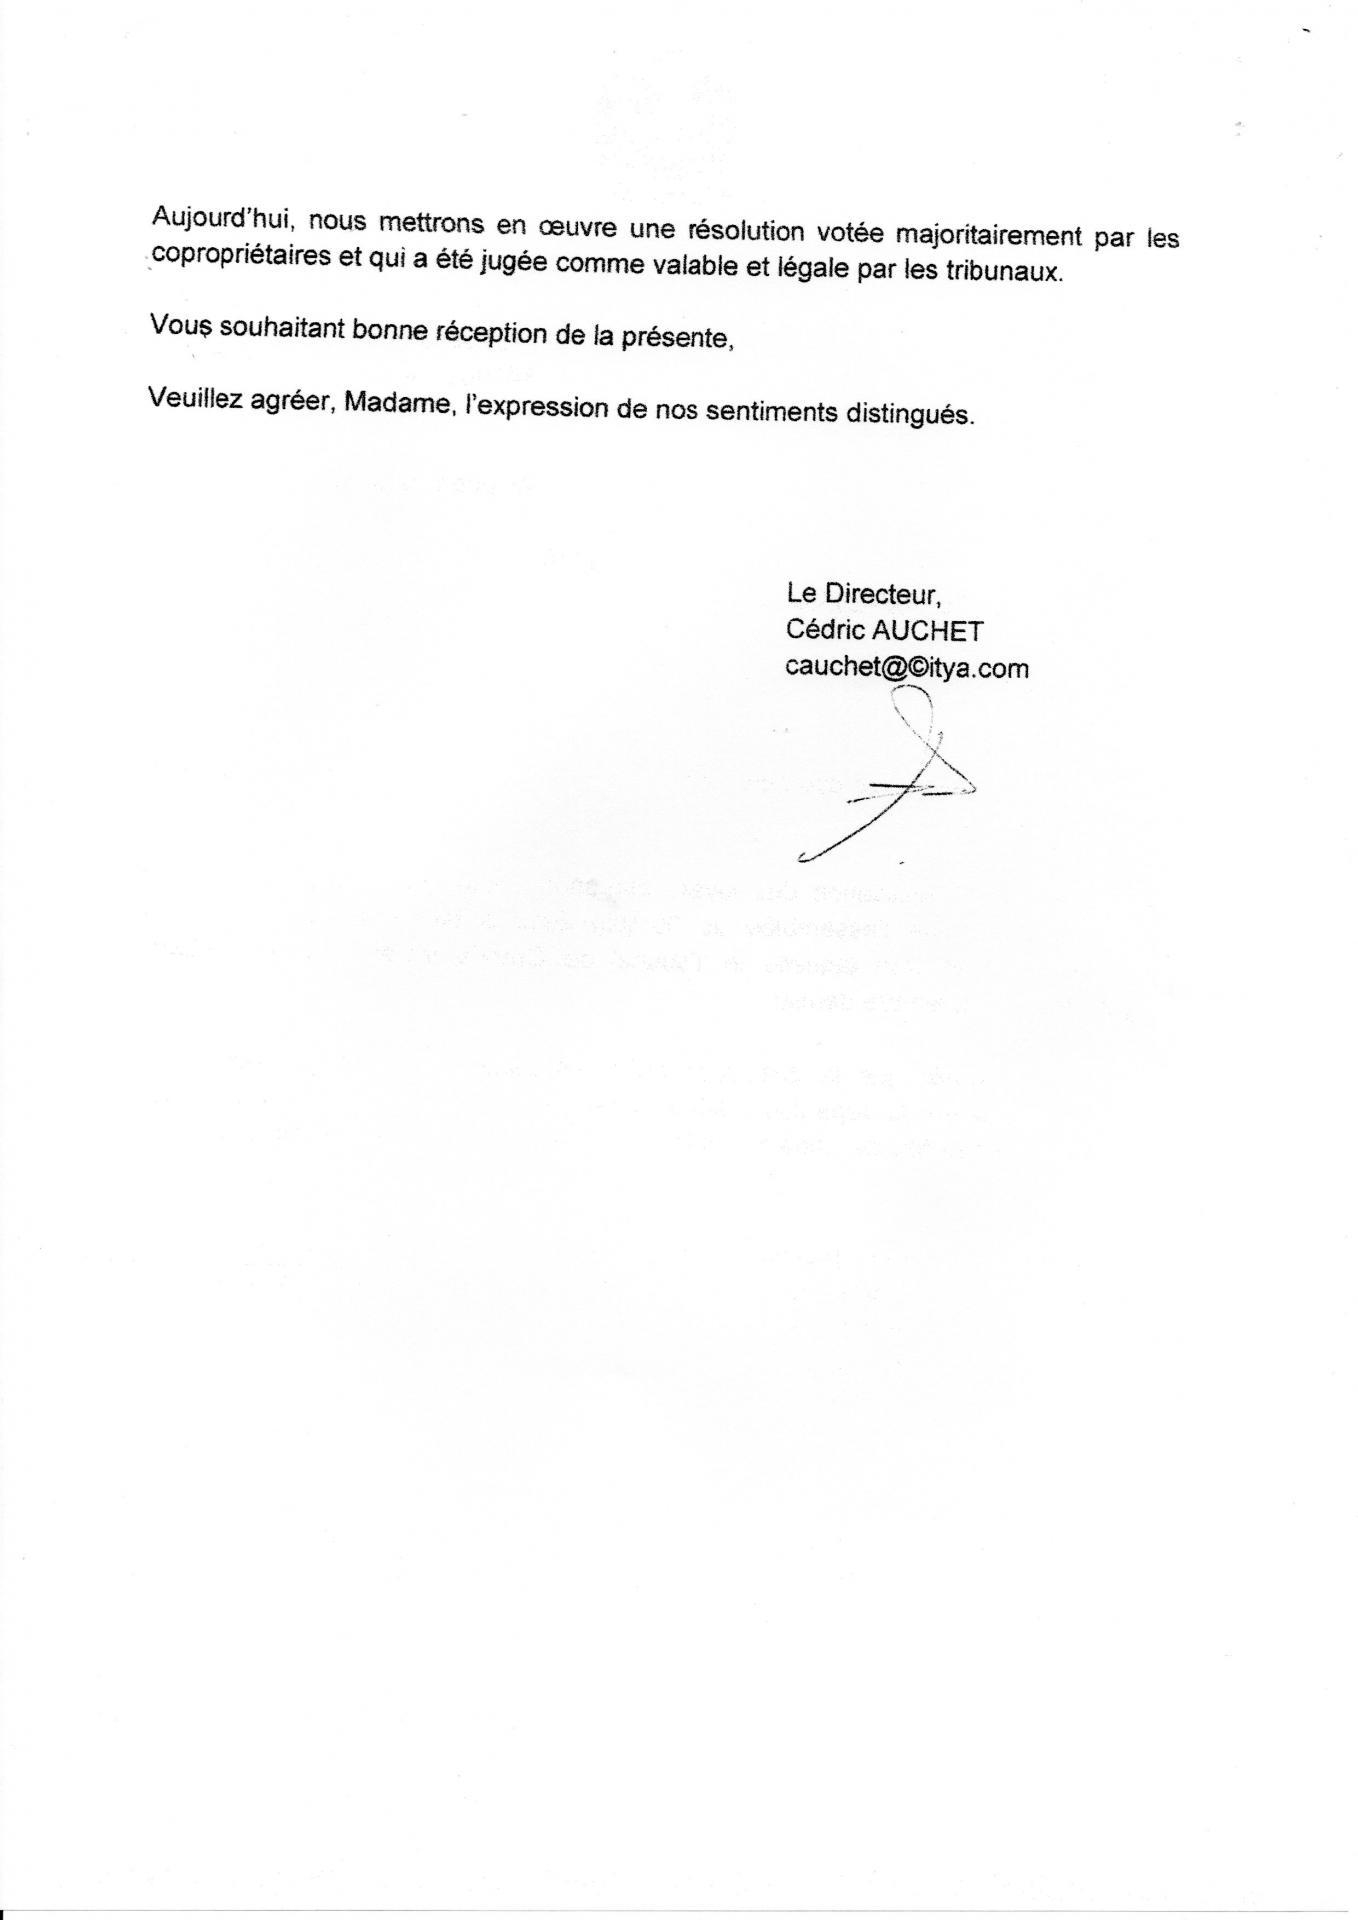 Lettre de cédric auchet directeur citya 28 10 2014 suite